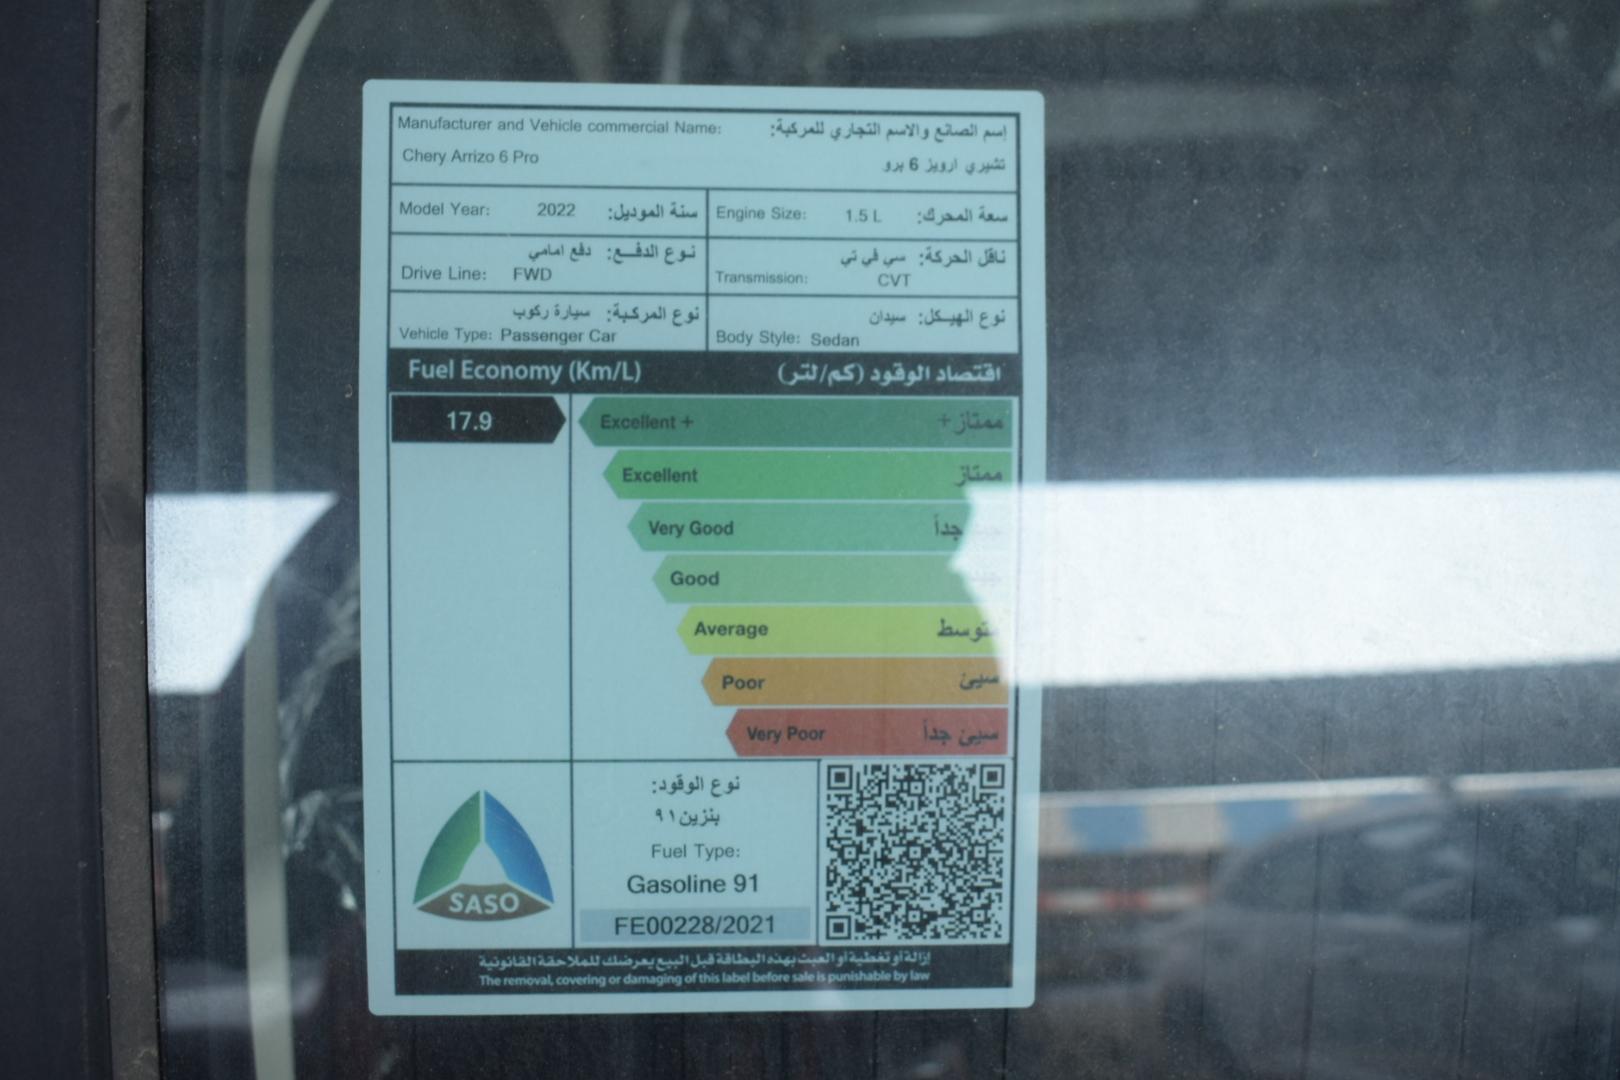 شيري اريزو 6 2022 نص فل سعودي للبيع في جدة - السعودية - صورة كبيرة - 8